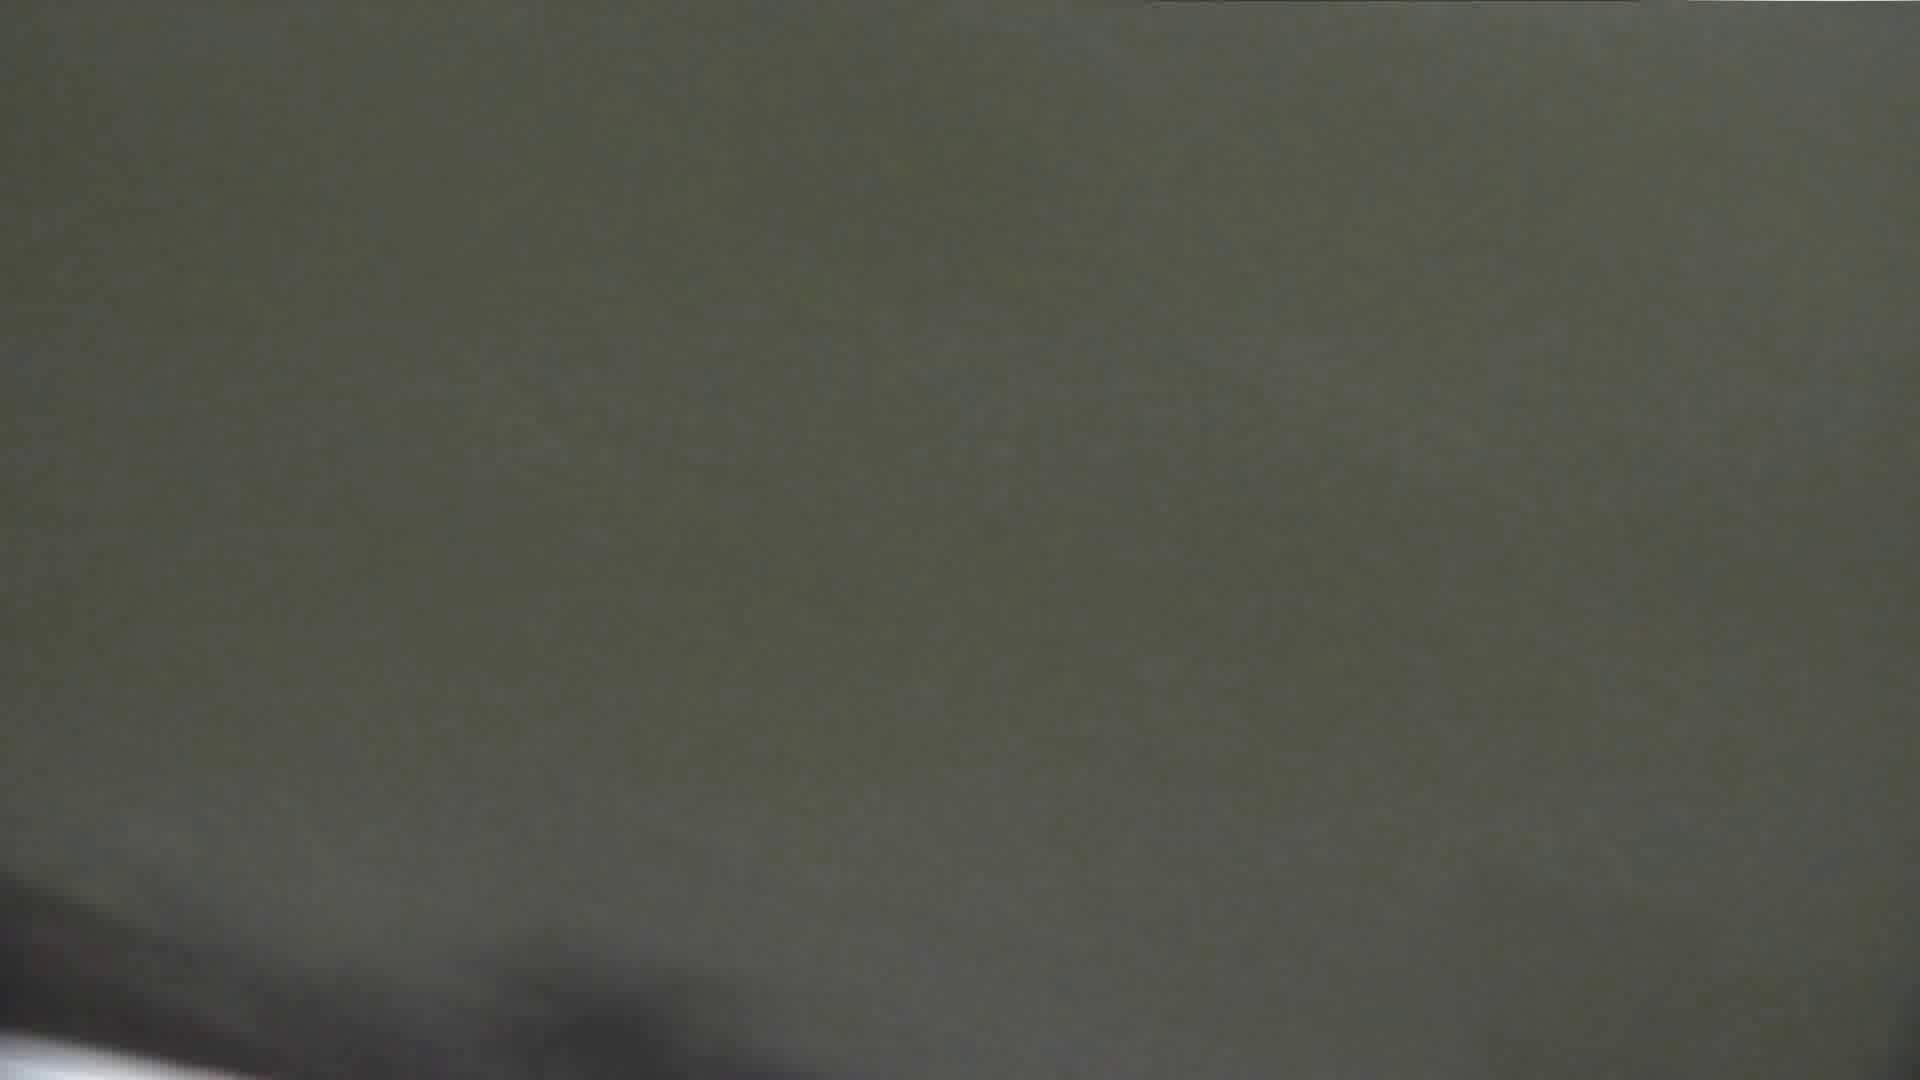 【美しき個室な世界】 vol.025 メガネ属性ヾ(´∀`)ノ 高画質動画 性交動画流出 63画像 59